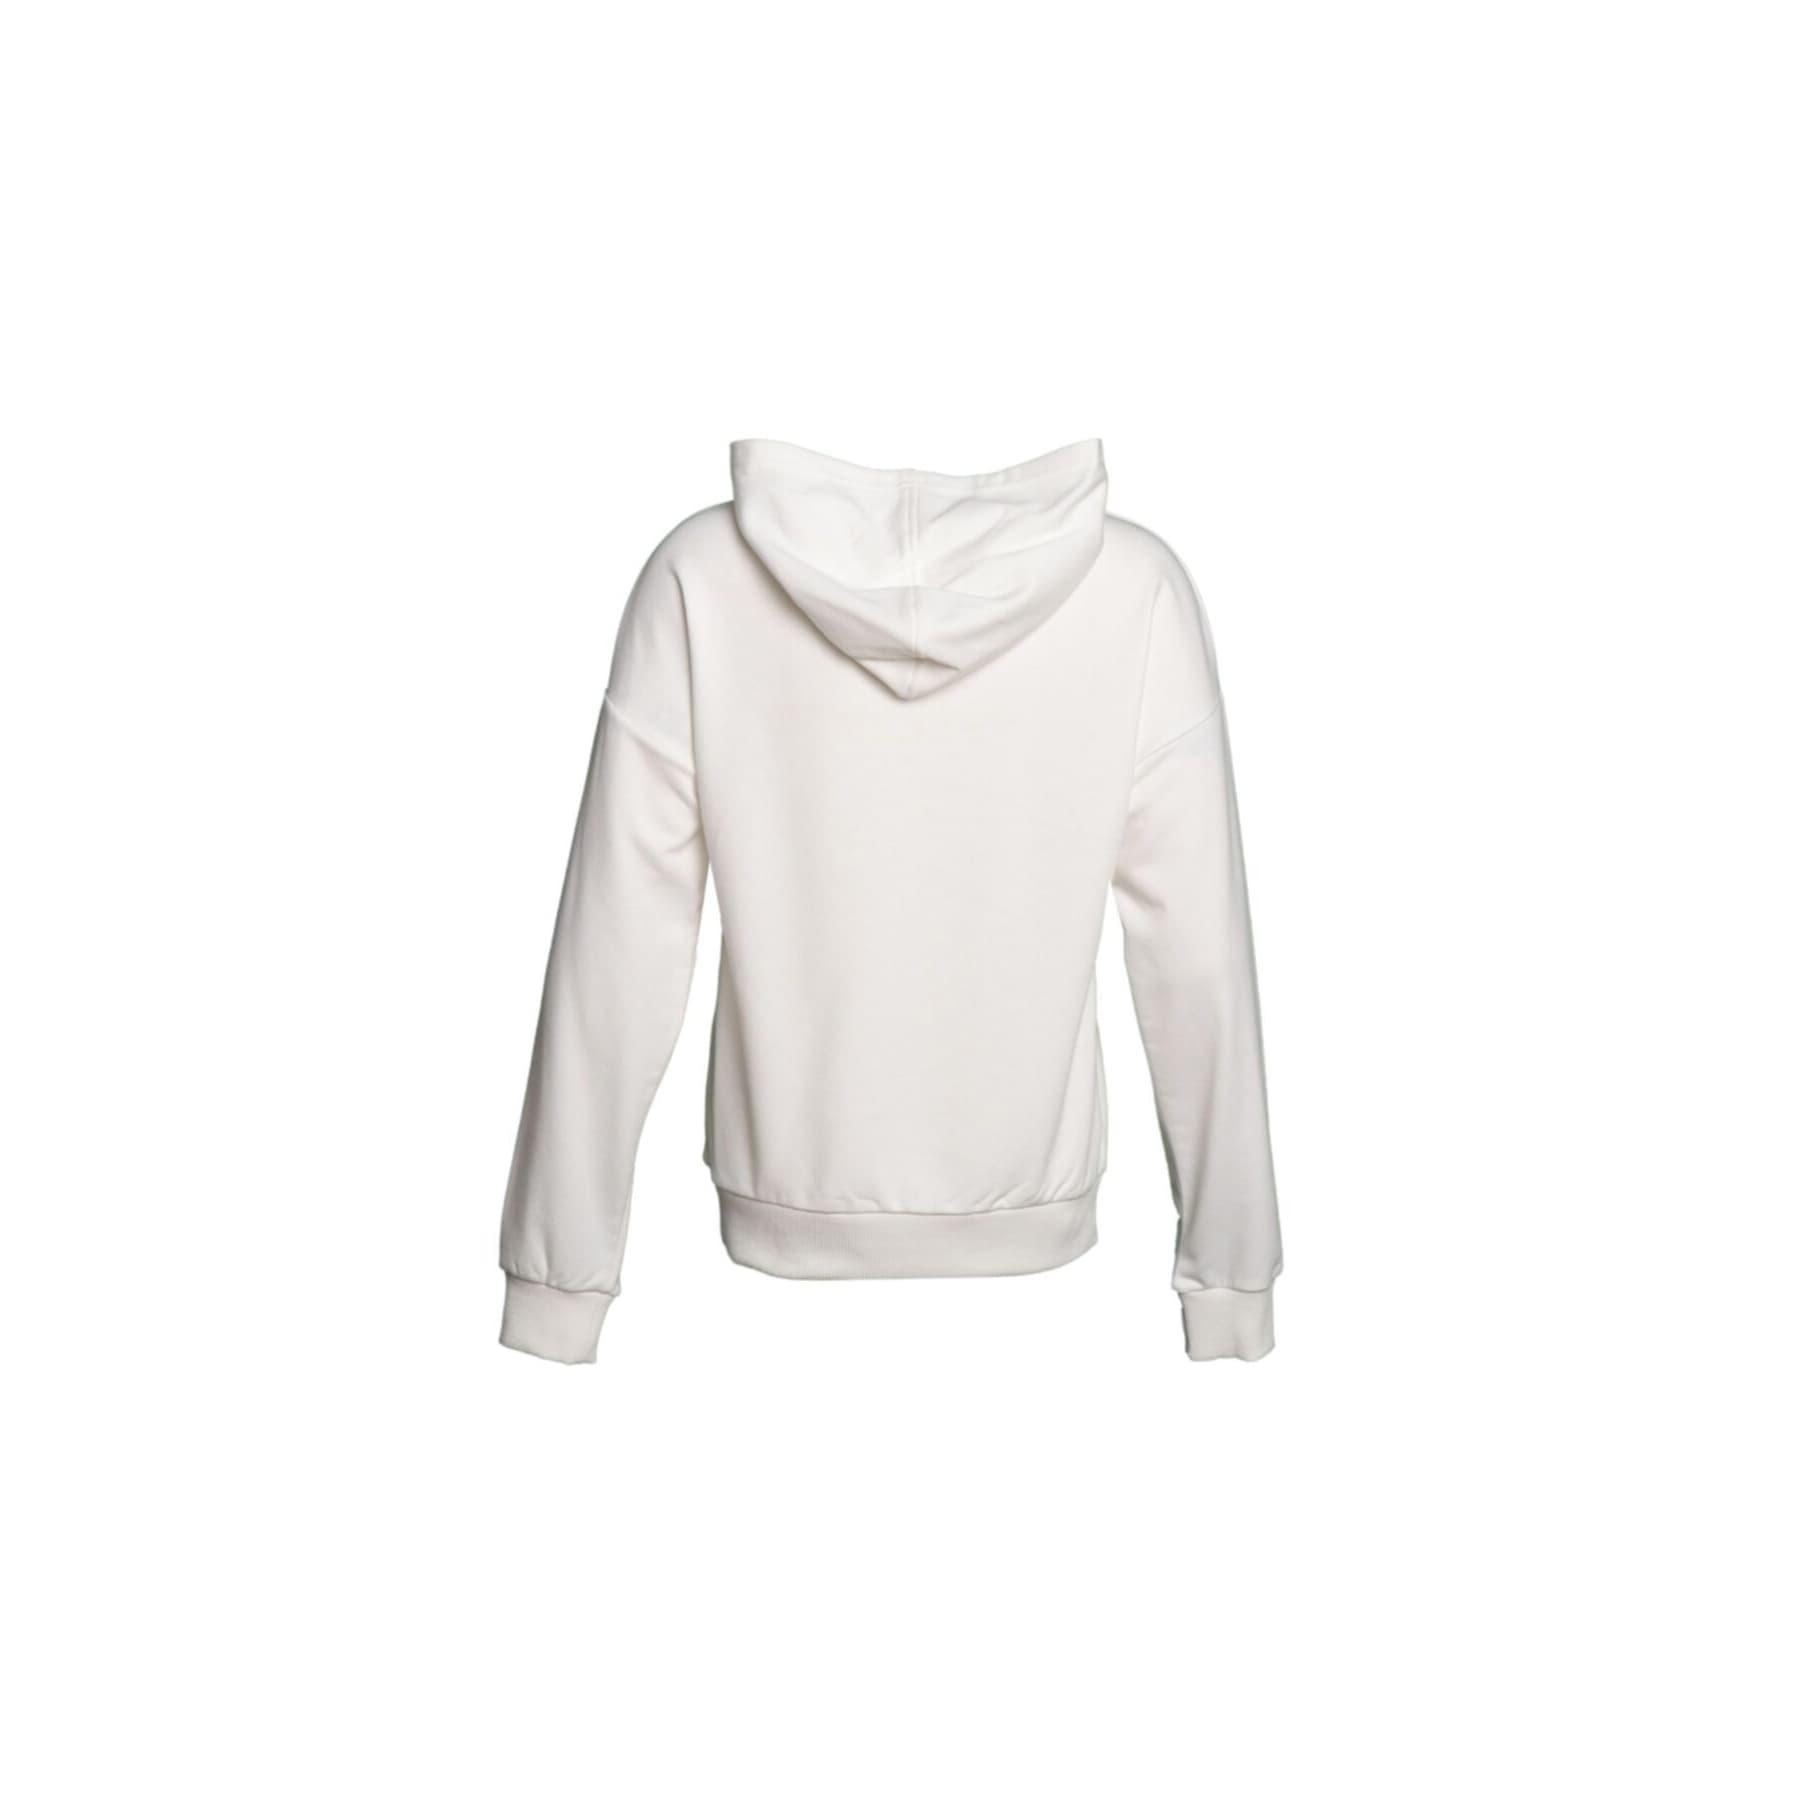 Dami Kadın Beyaz Kapüşonlu Sweatshirt (920927-1321)